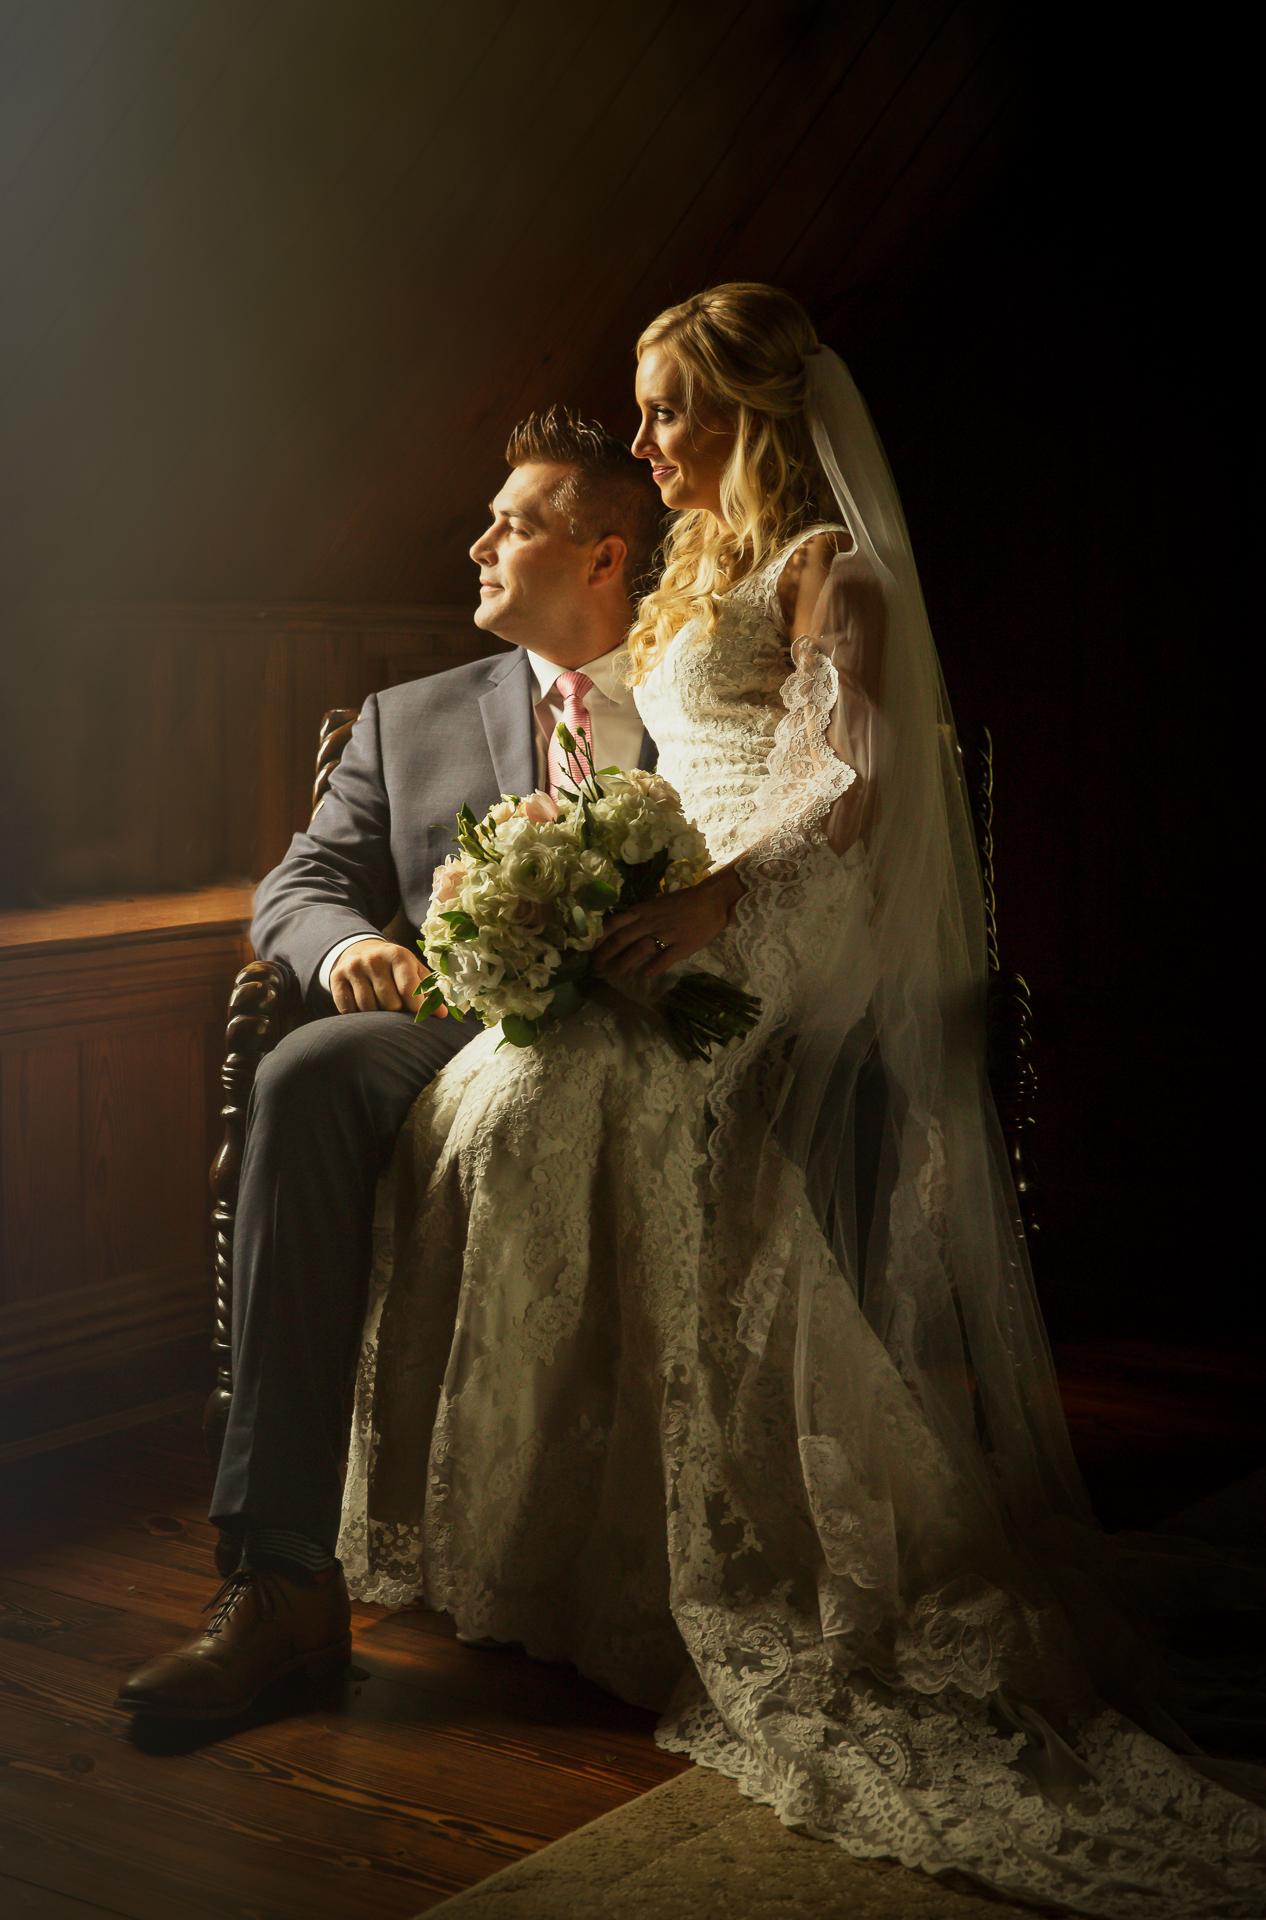 Nashville Photography Group wedding photographers-1-22.jpg